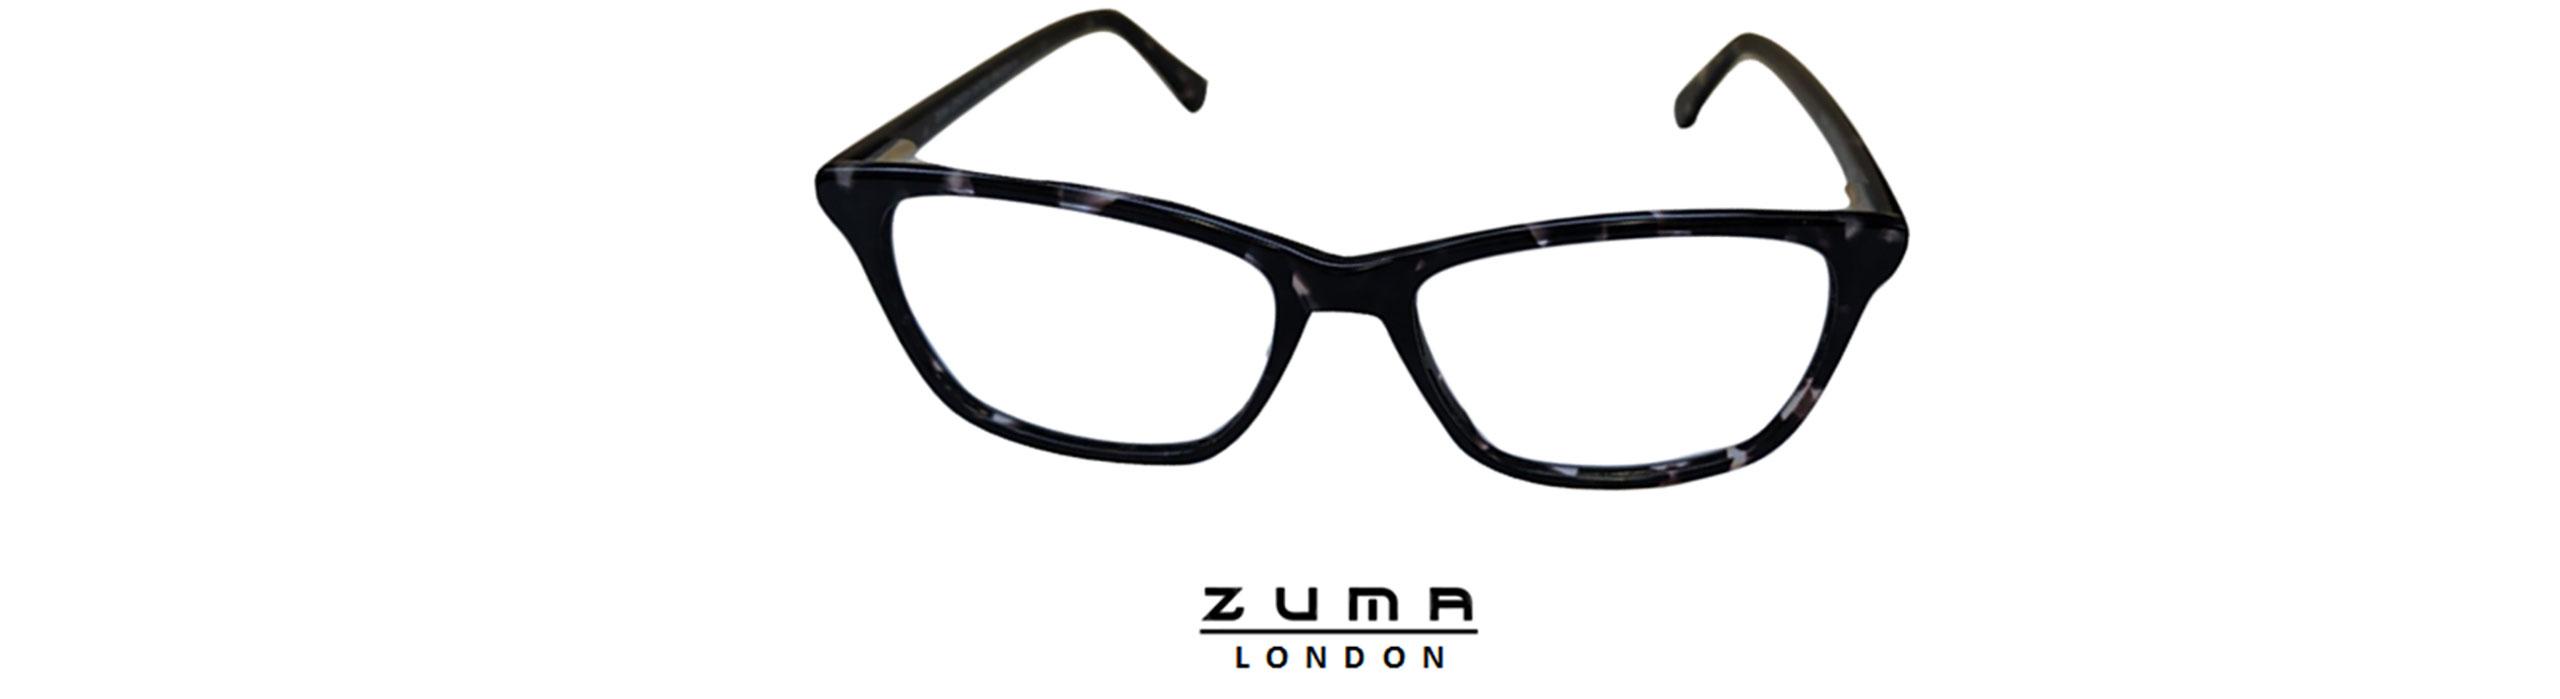 ZUMA eyewear